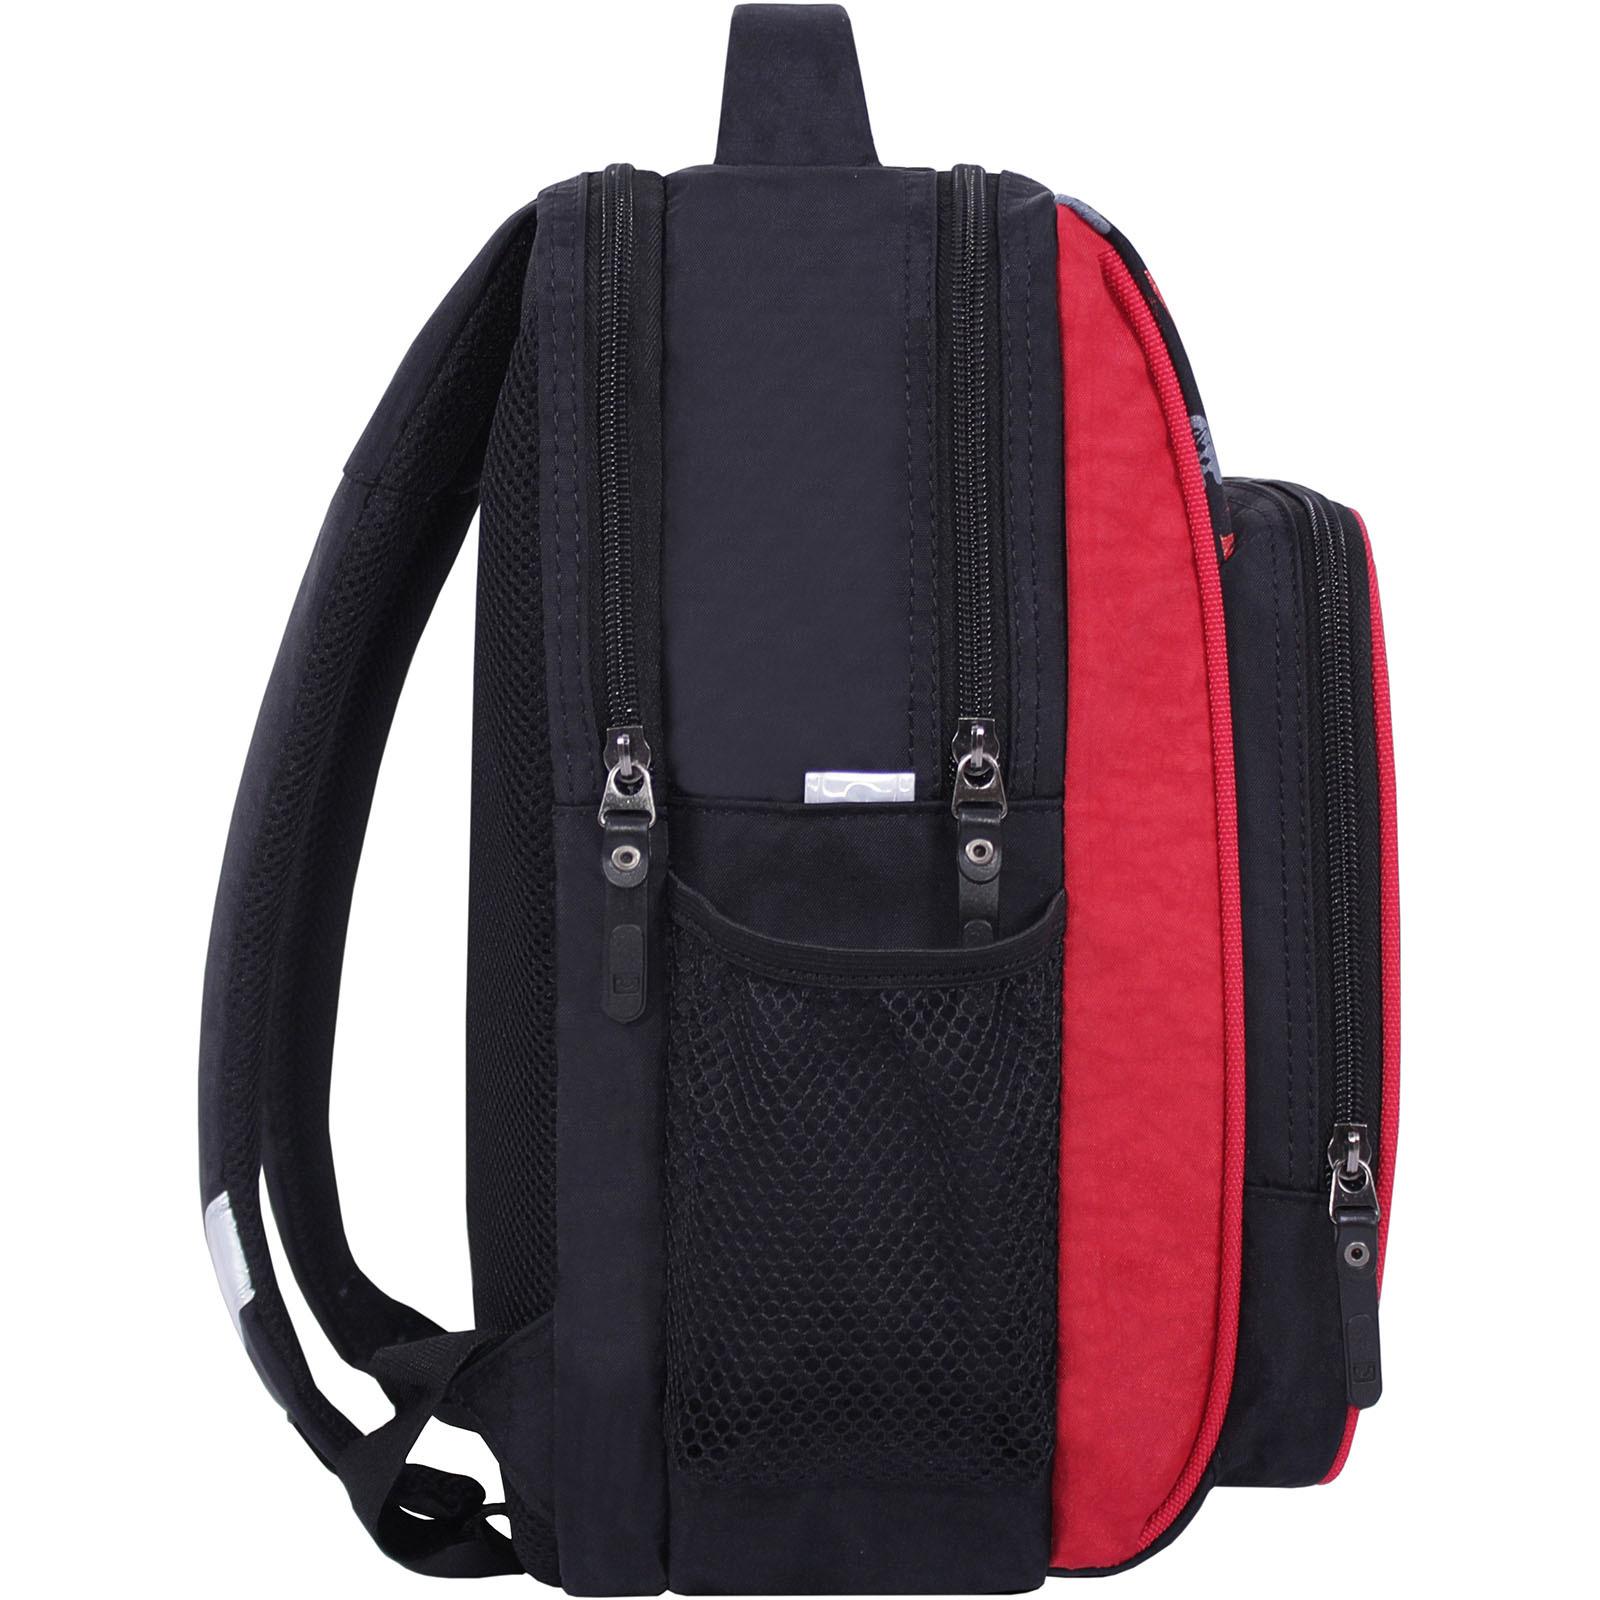 Рюкзак школьный Bagland Школьник 8 л. черный 568 (0012870) фото 2